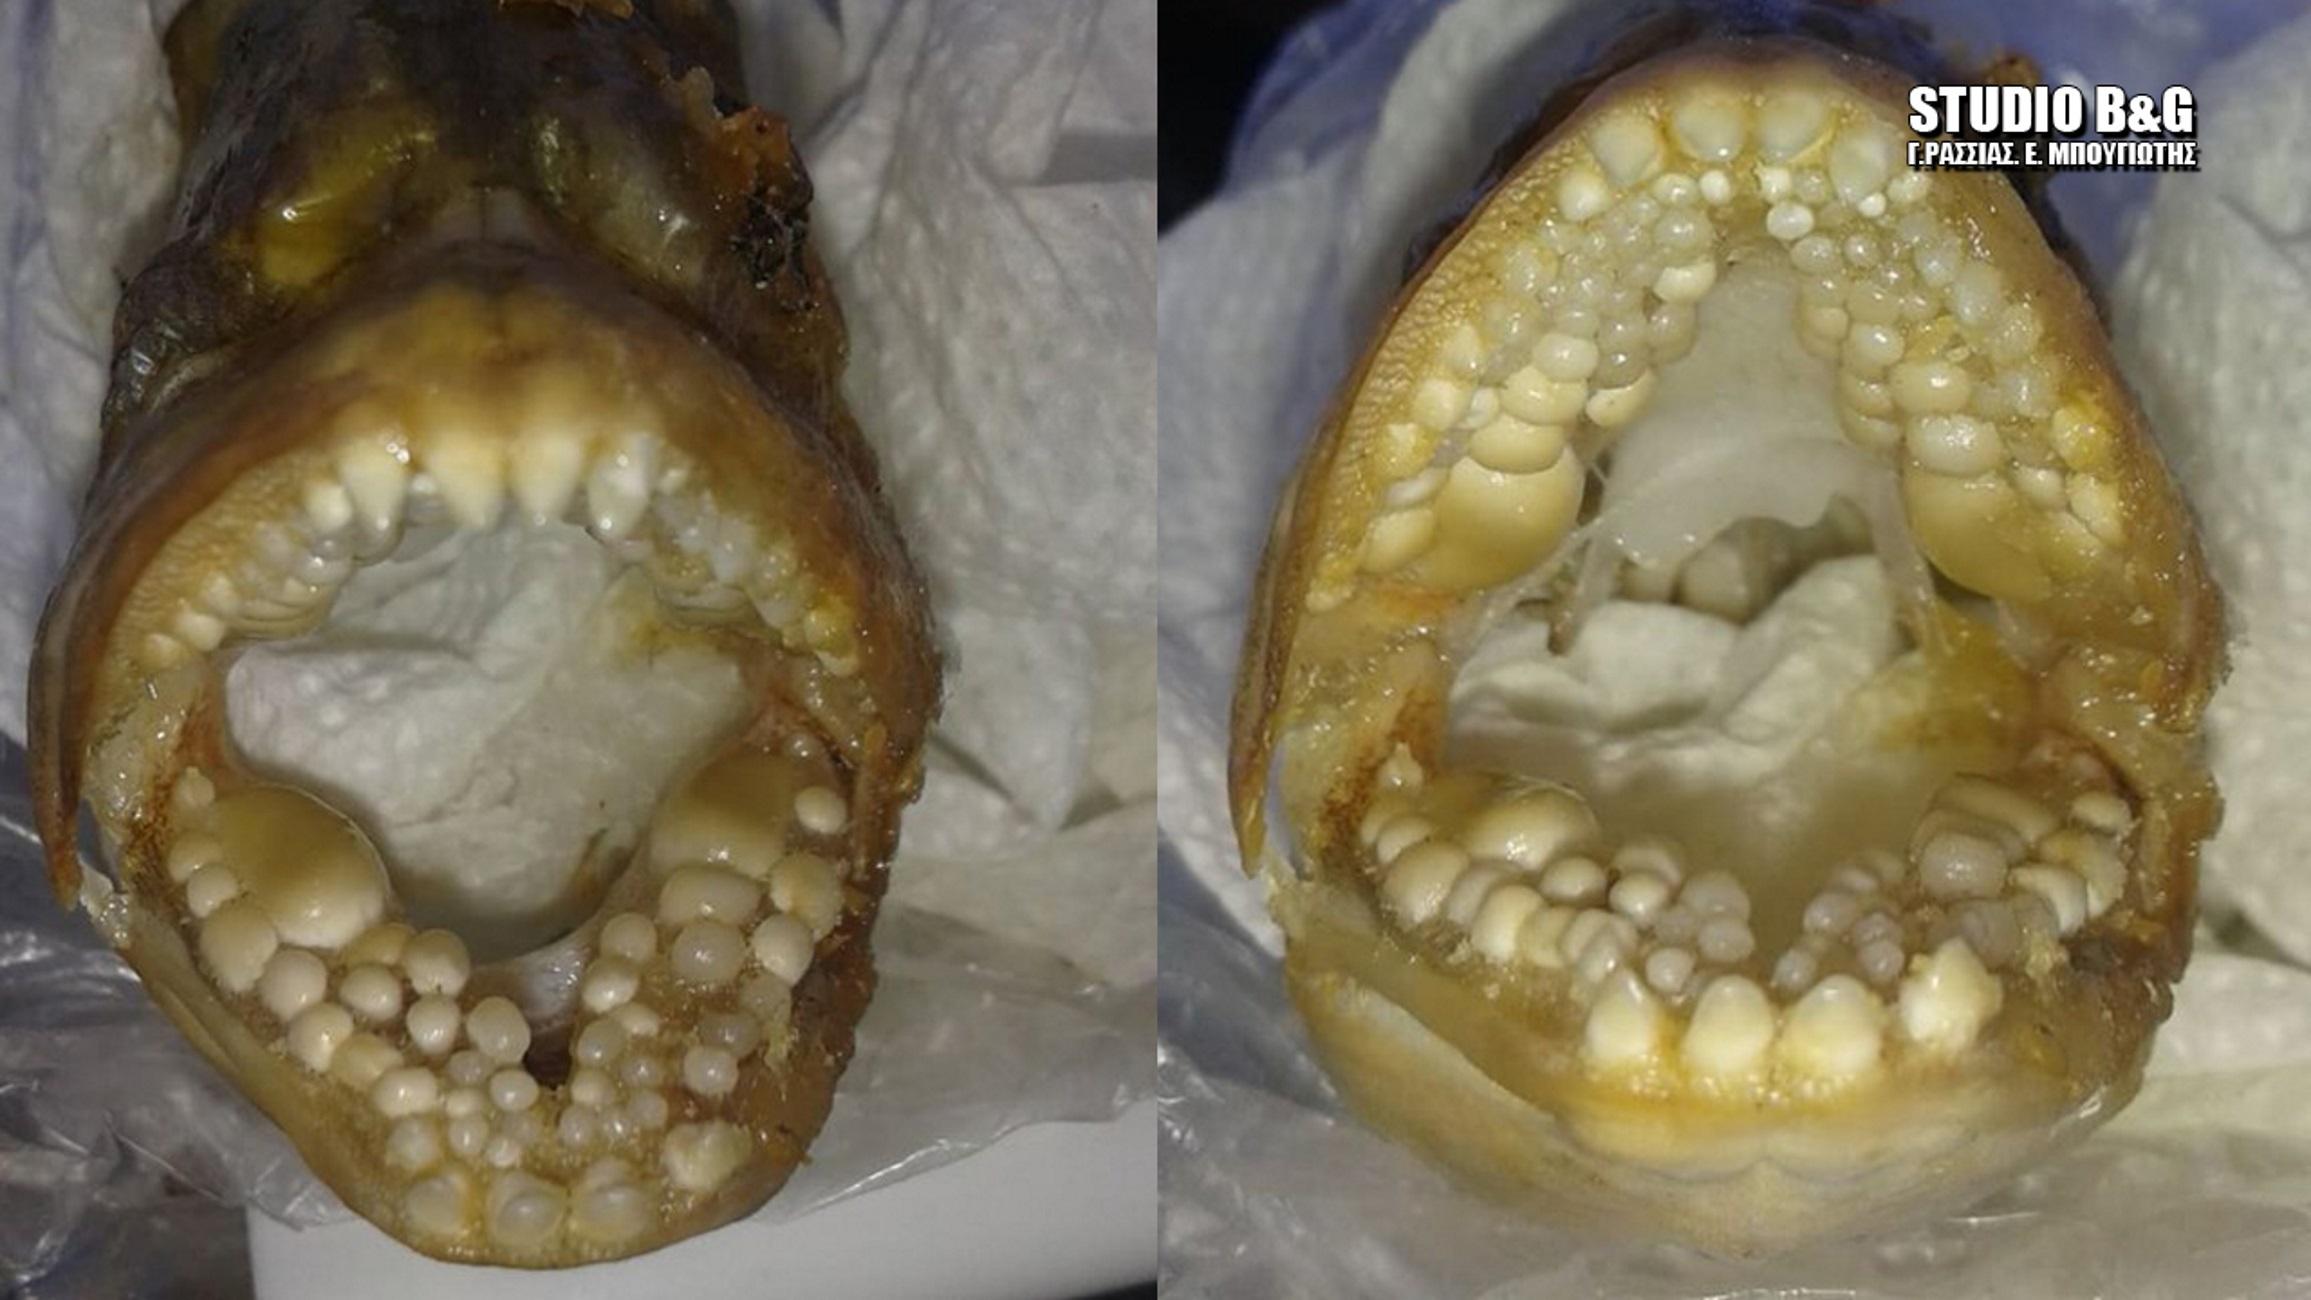 Αργολίδα: Δάσκαλος έπιασε αυτό το ψάρι – Άνοιξε το στόμα του και έμεινε στήλη άλατος [pics]